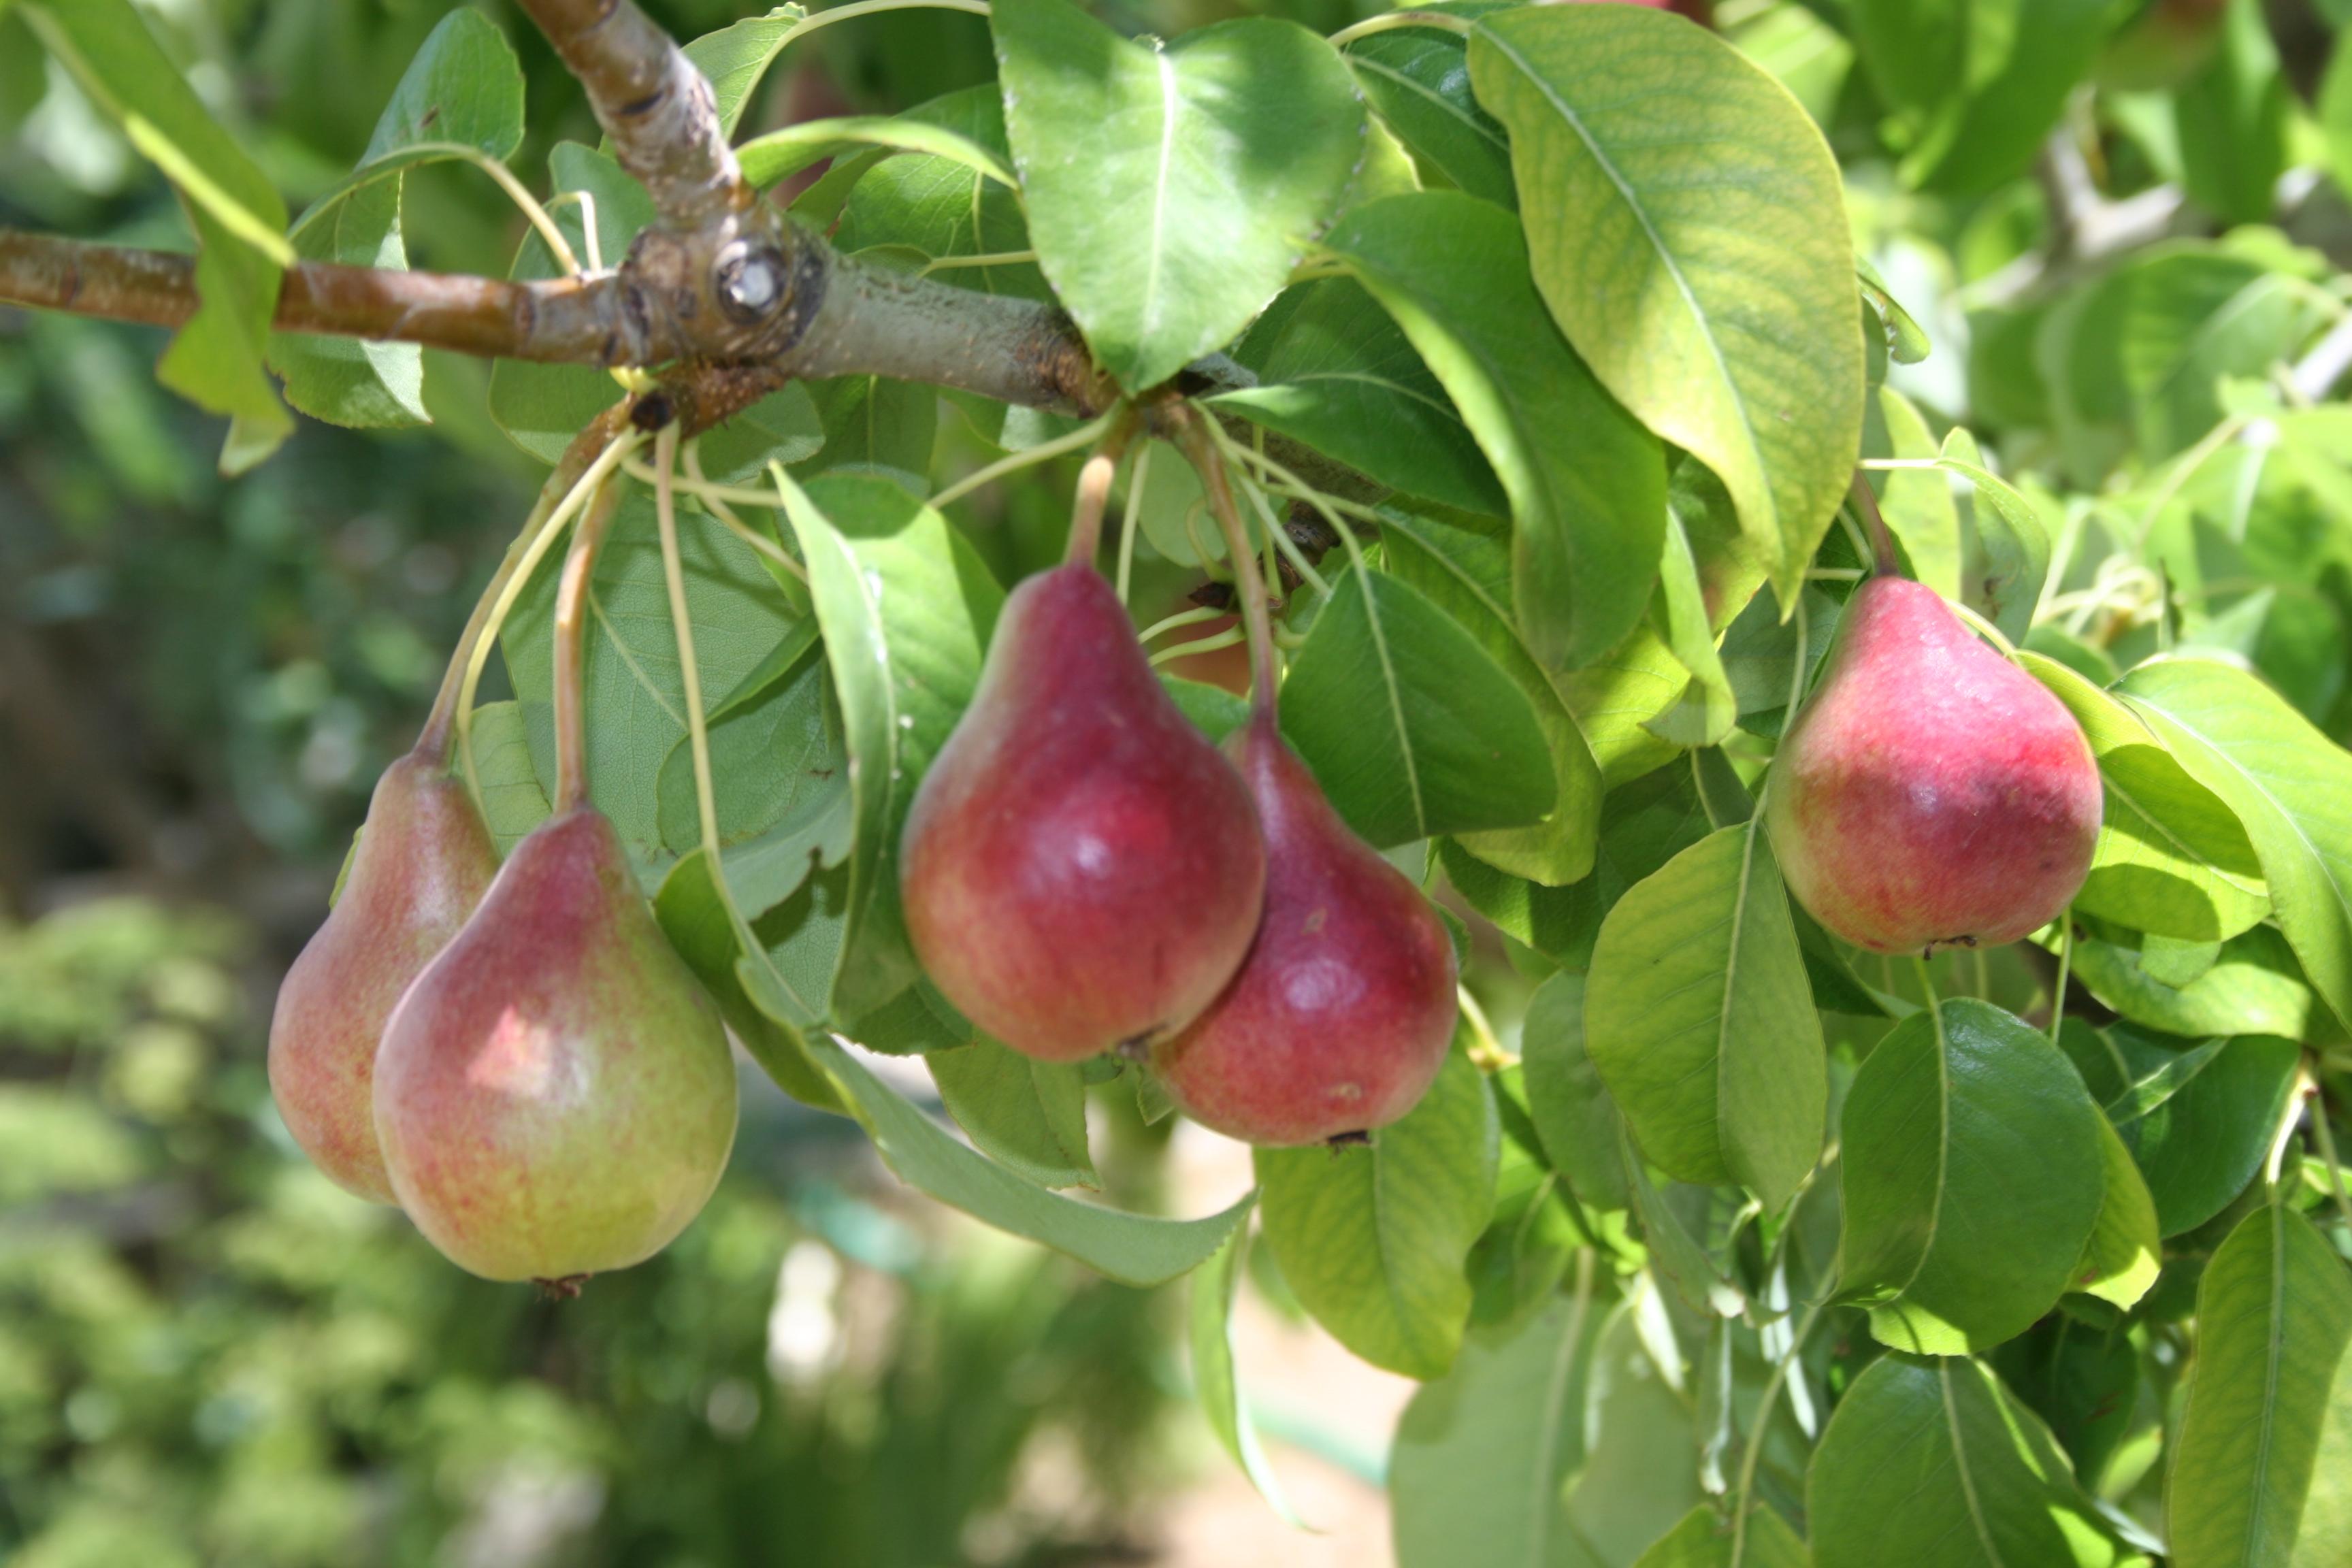 Cultivo de frutales tipos de arboles frutales for Plantas frutales